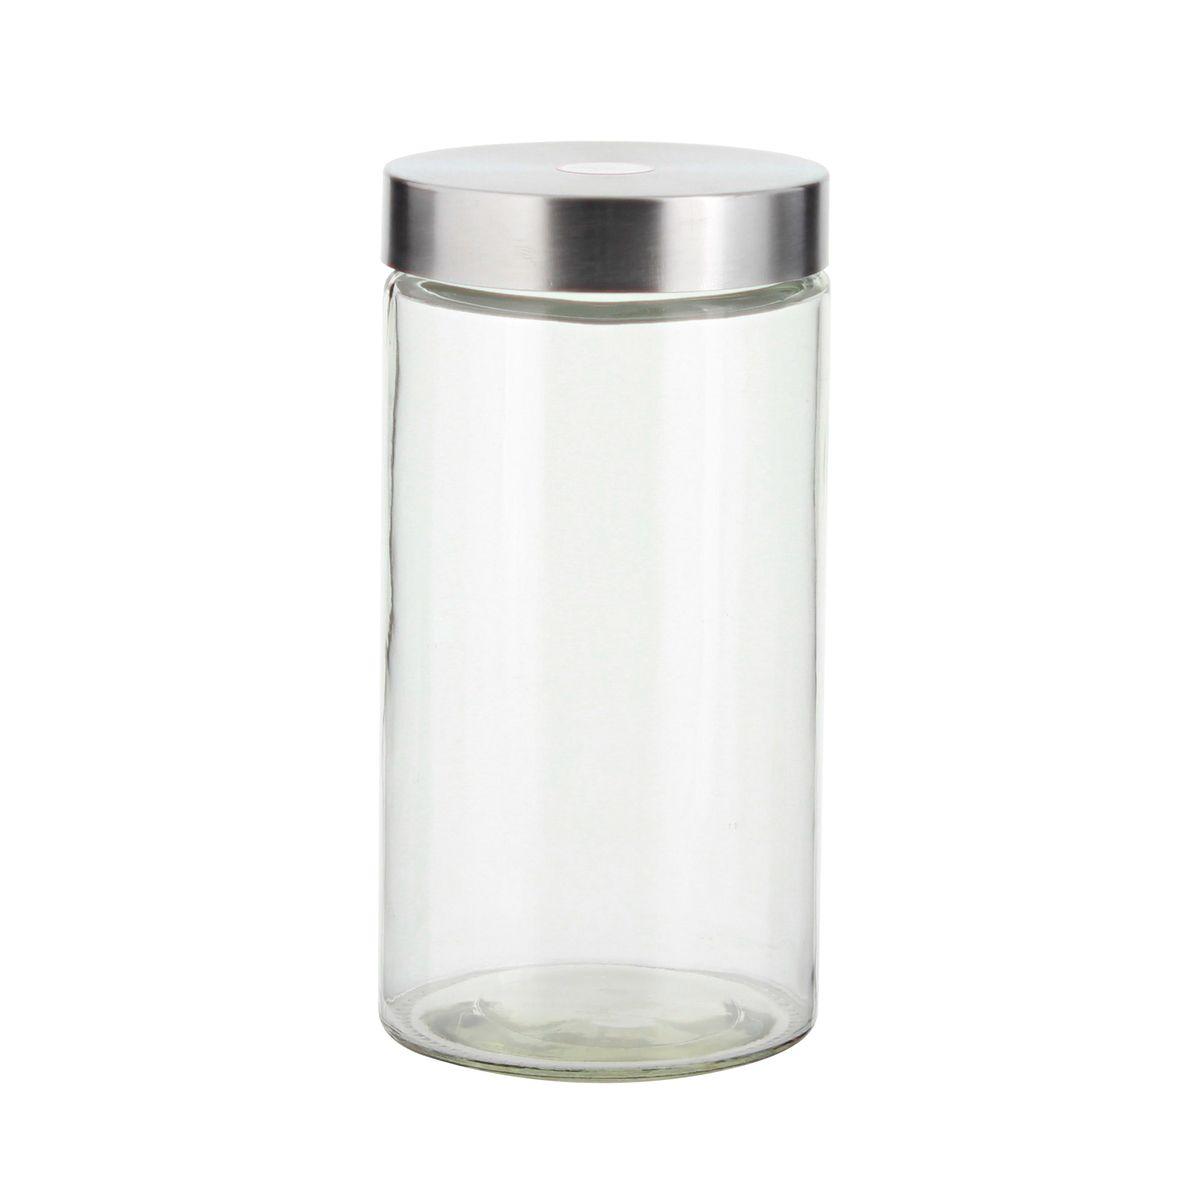 Boîte de conservation en verre avec couvercle en inox 1.6L - Zeller